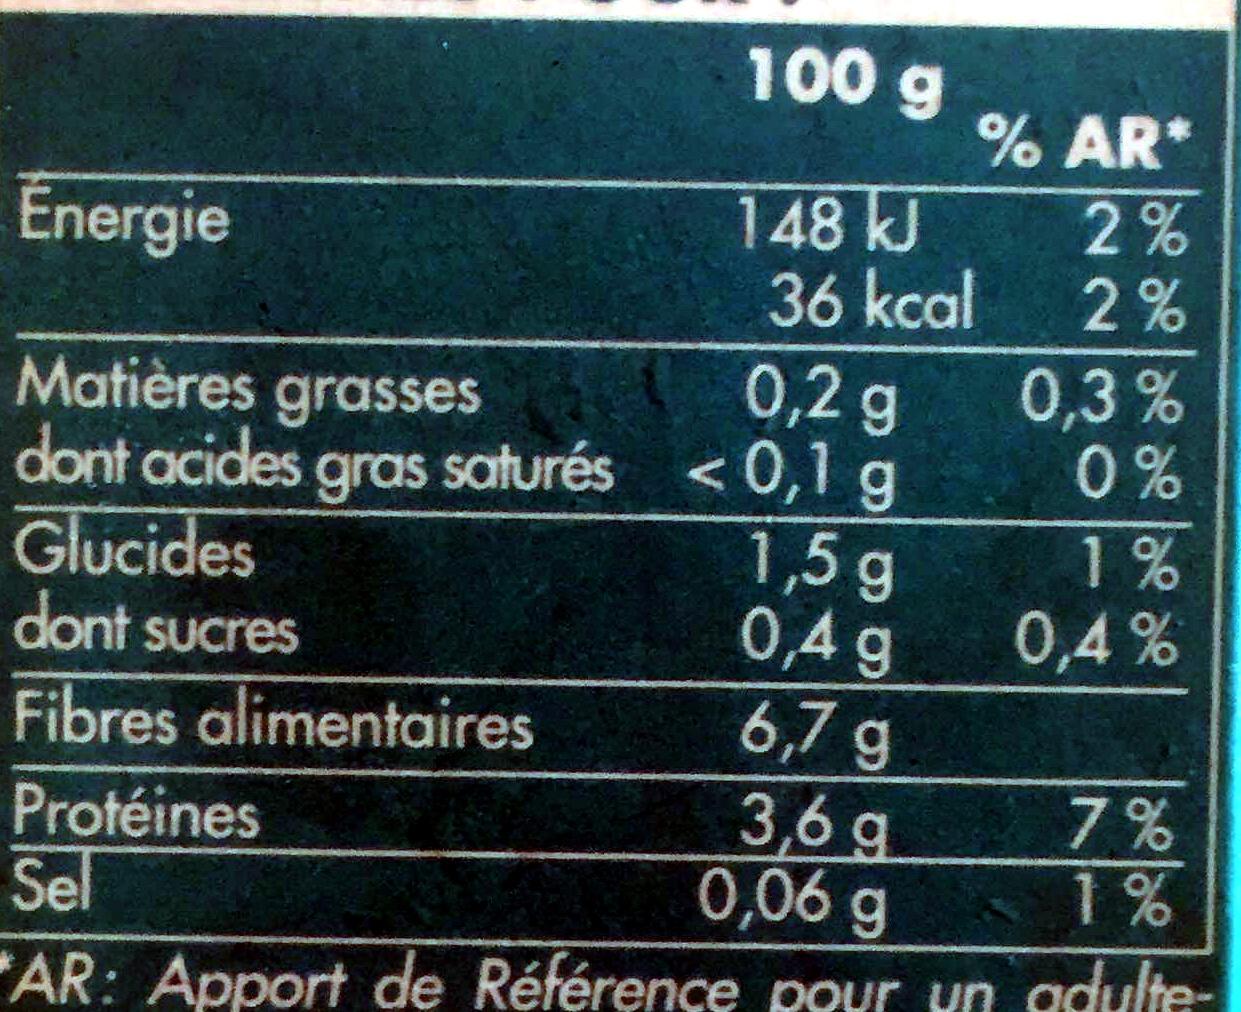 Menthe douce coupée - Informations nutritionnelles - fr